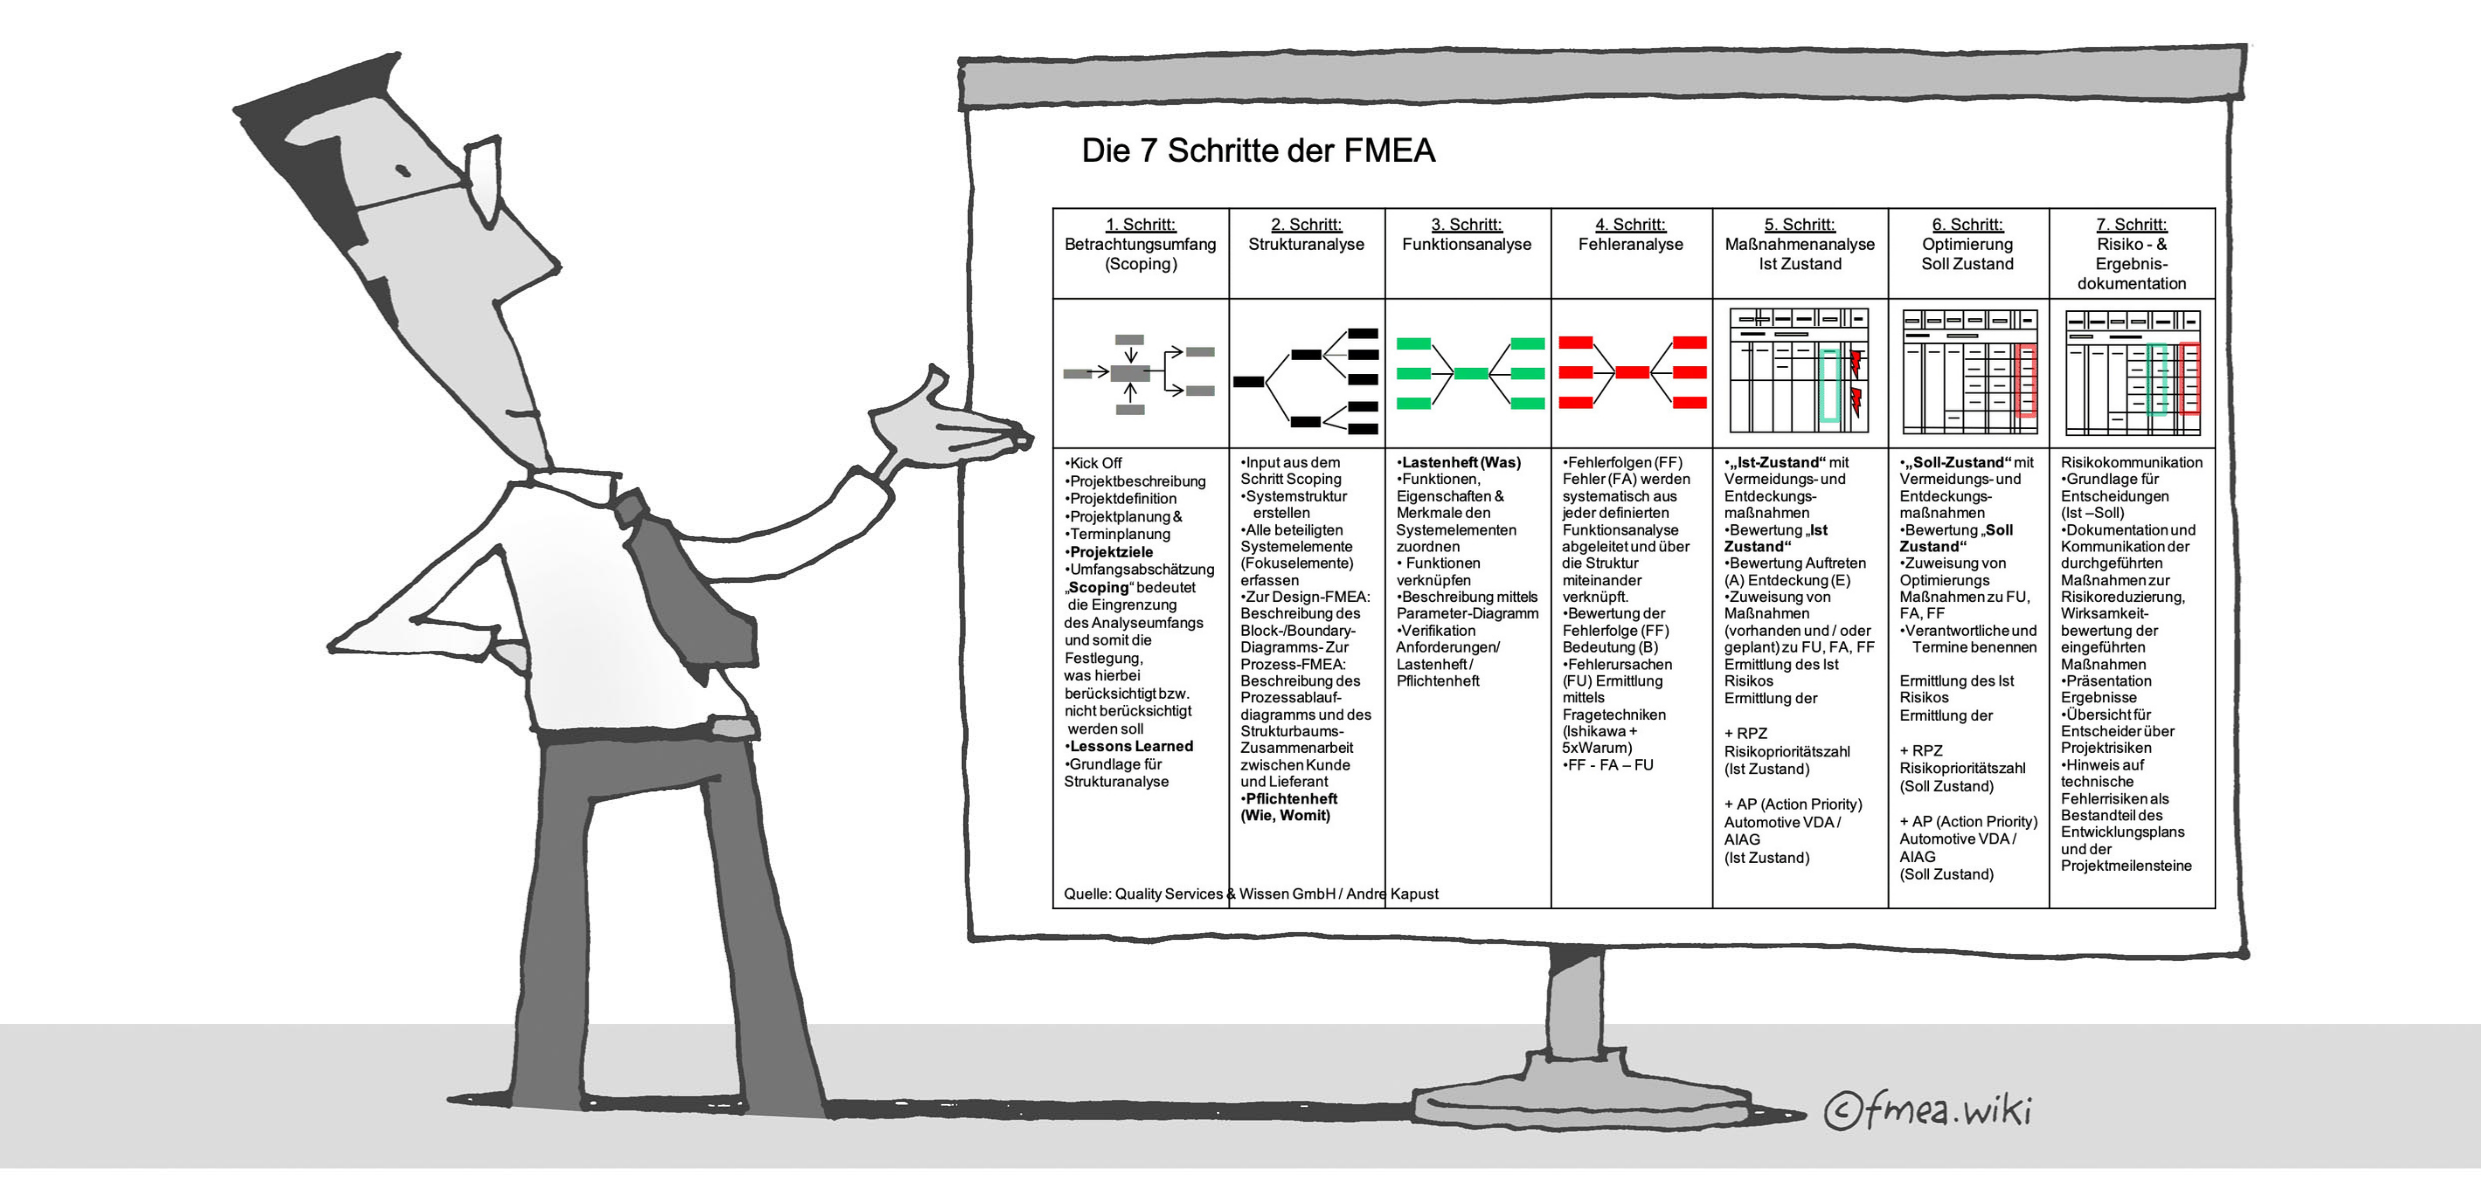 7 Schritte der FMEA1